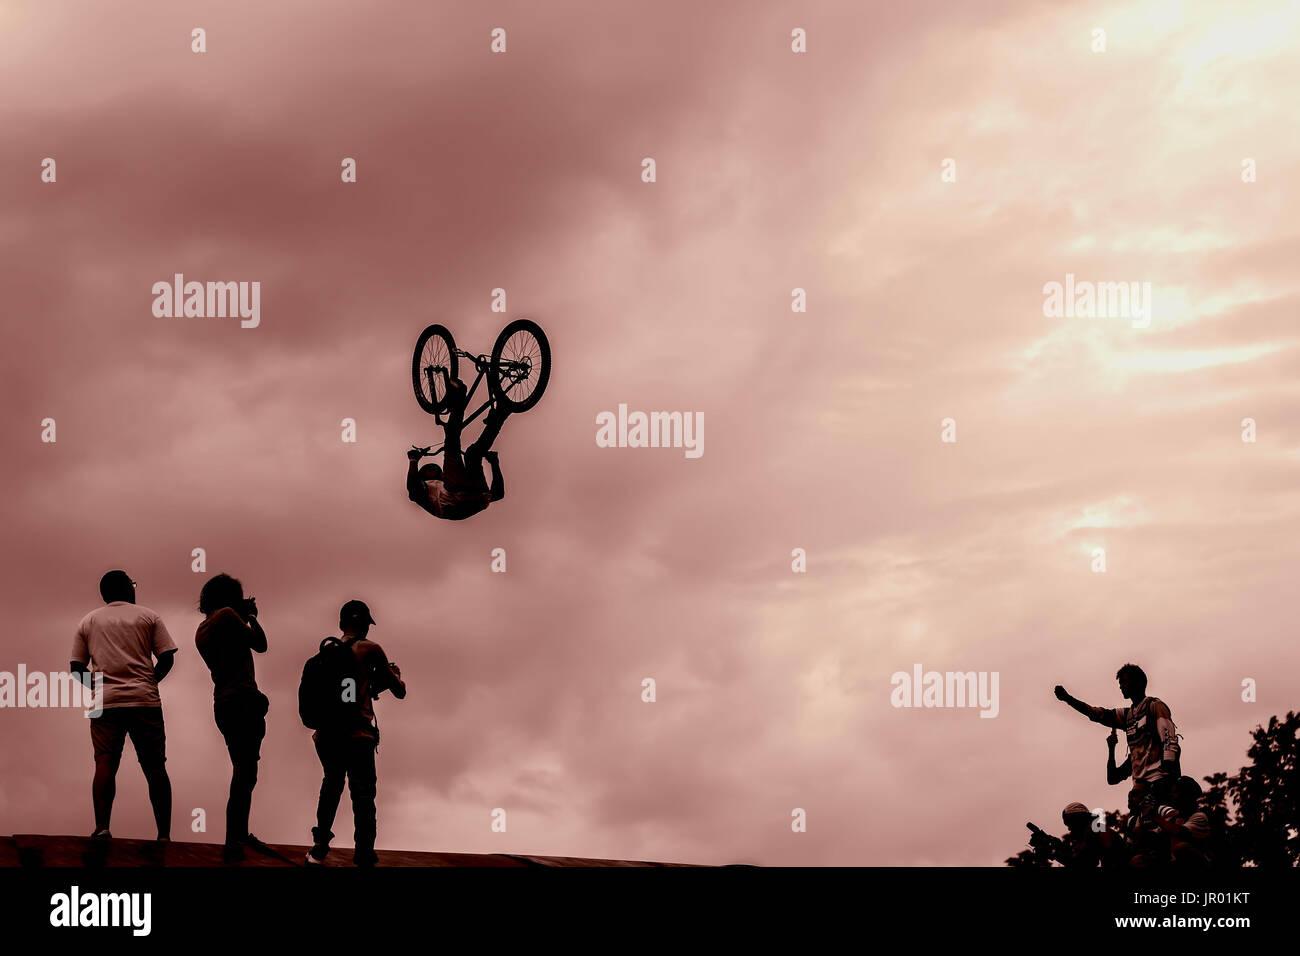 Extrem Sport e rischio. Prestazioni a concorsi. Silhouette di giovani non identificato uomo compie acrobazie sullo sfondo del cielo vividi. Con posto per il tuo testo per lo sfondo Immagini Stock